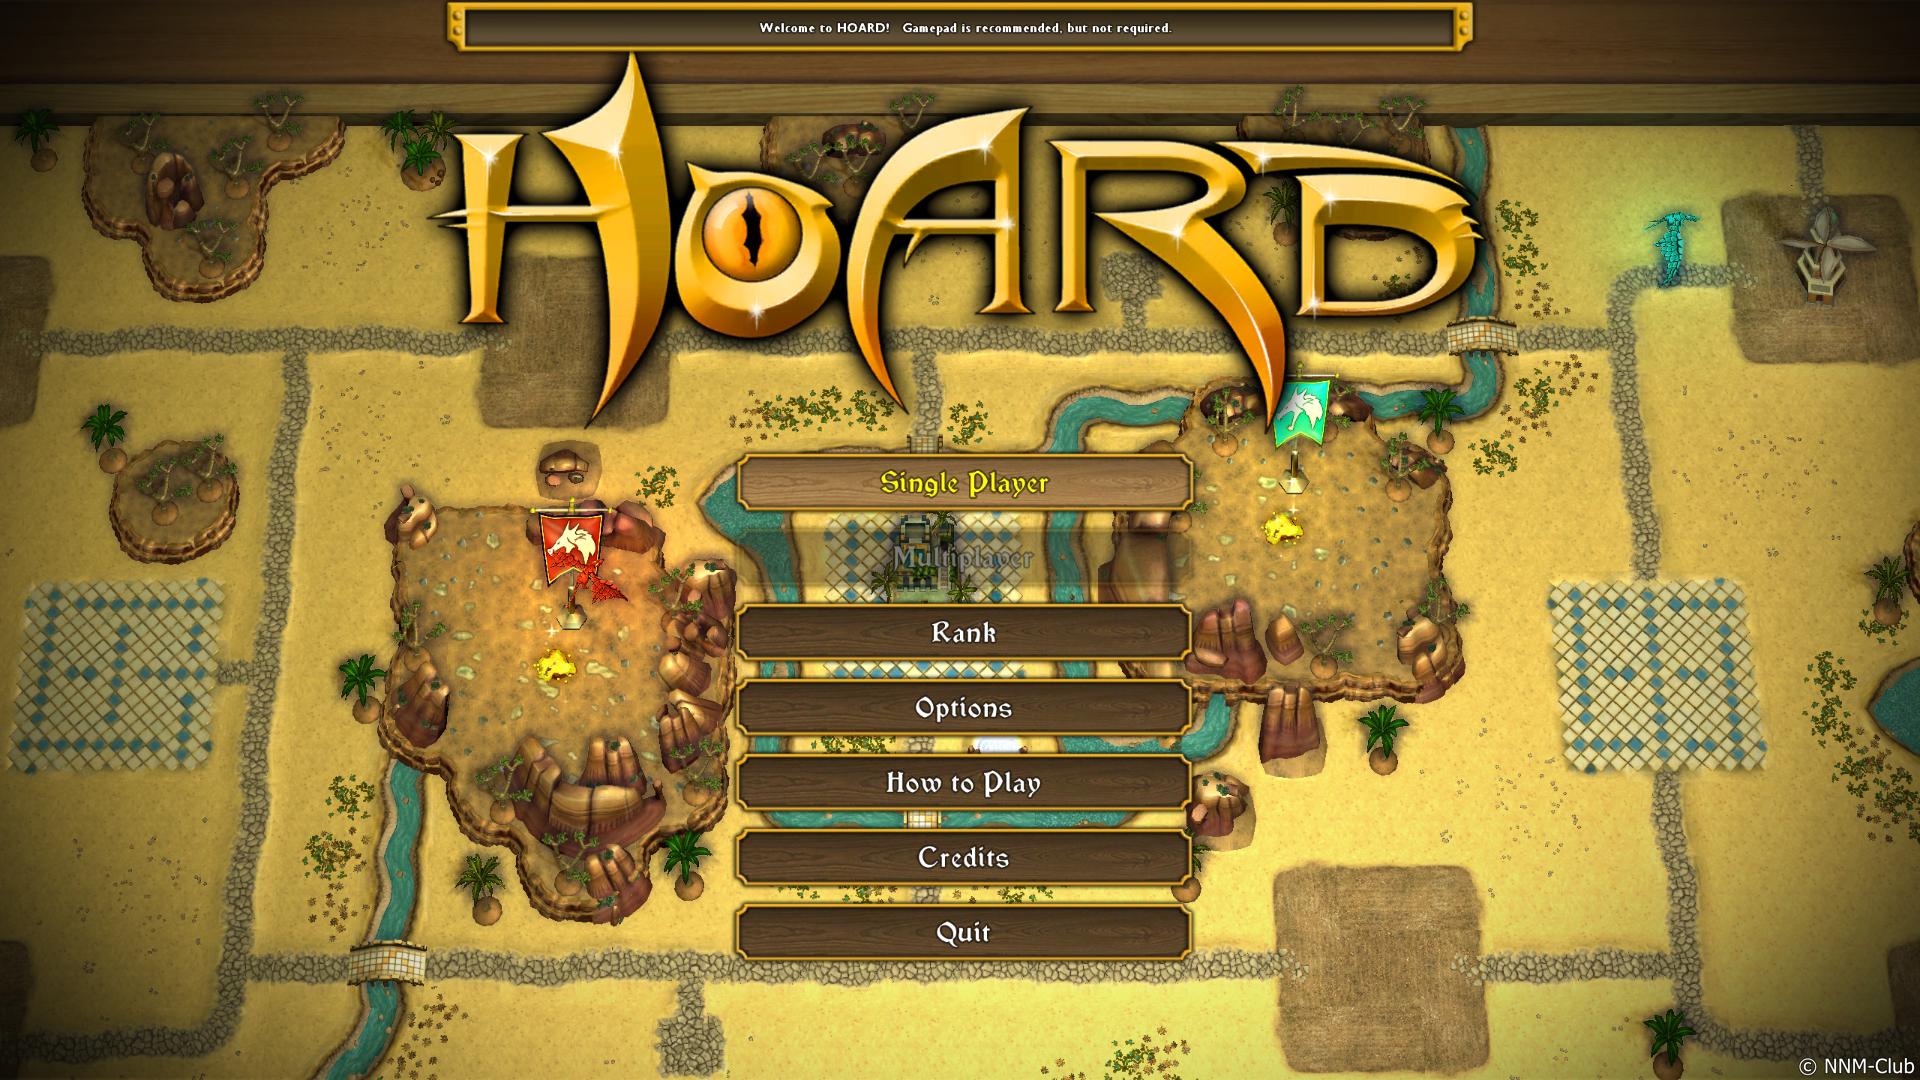 Hoard 1.0 (2011) [En] [OS X Native game]